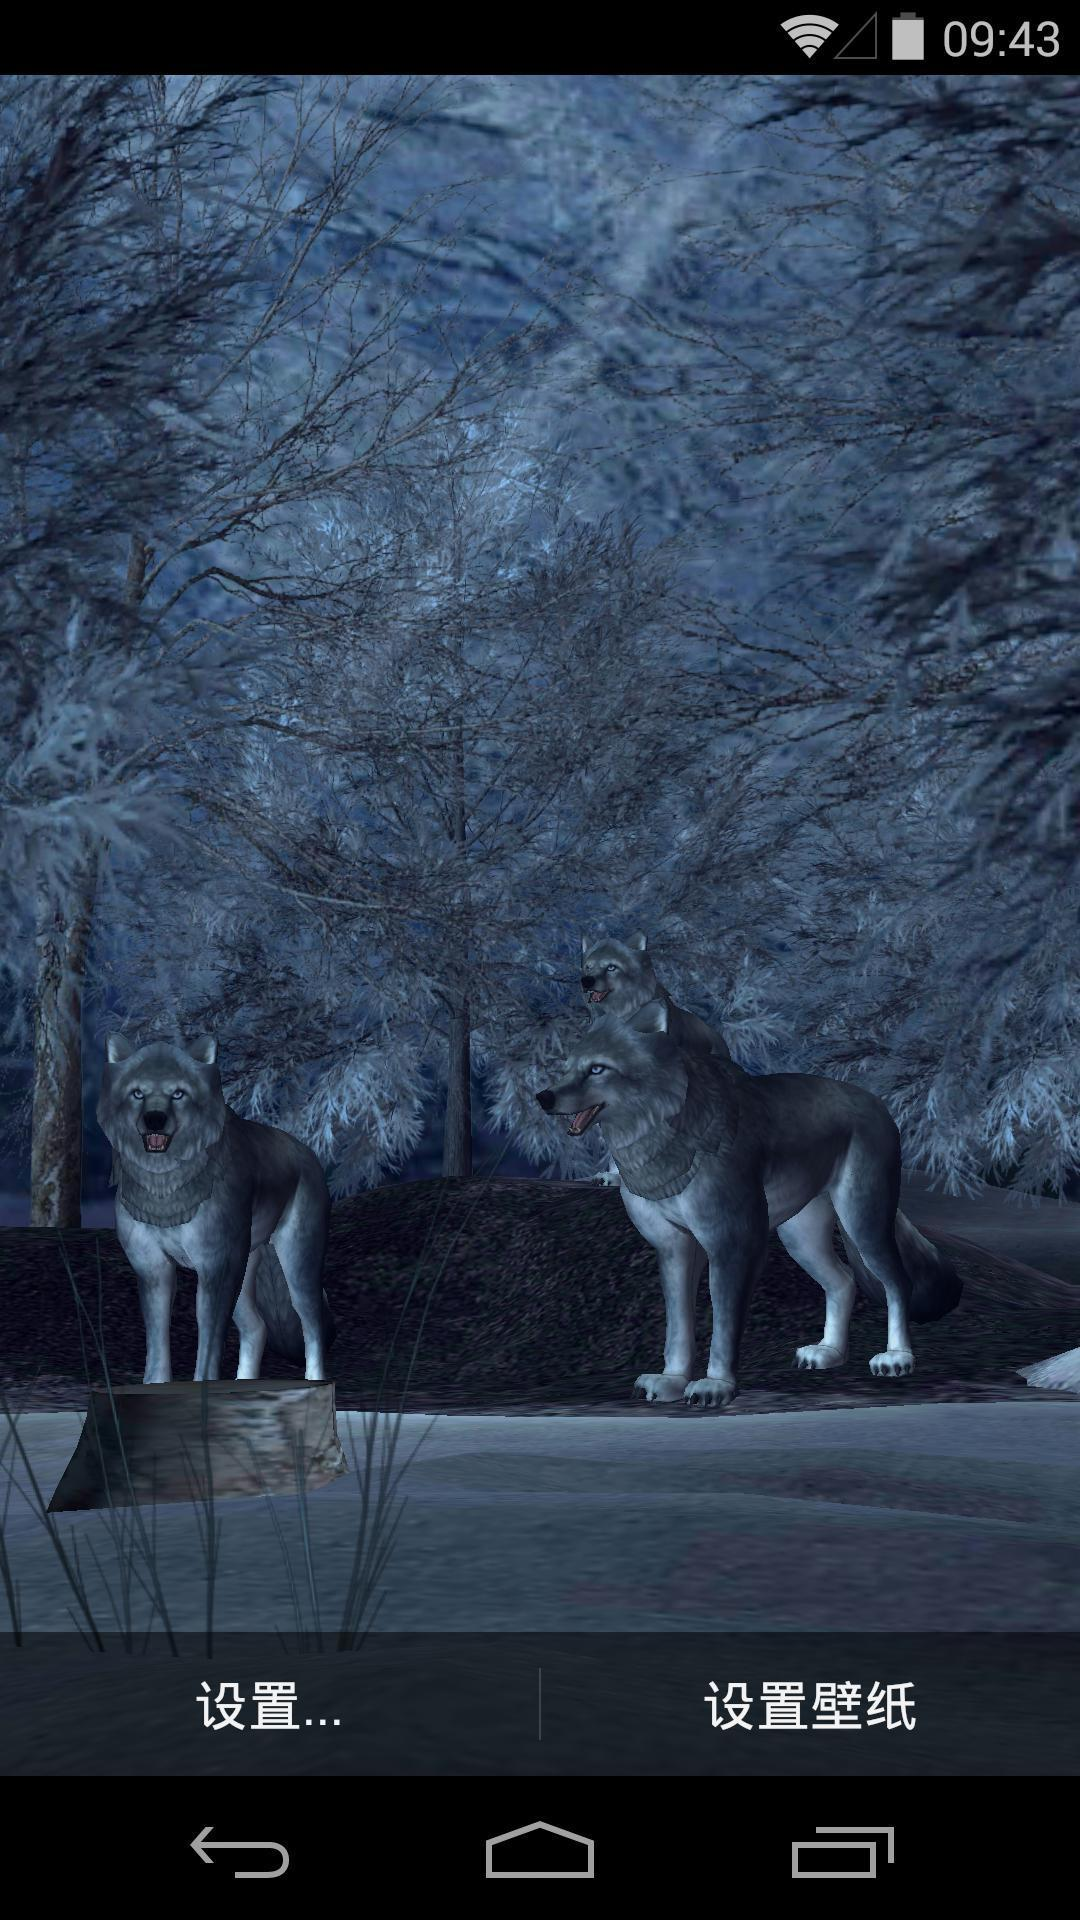 3D狼群-梦象动态壁纸